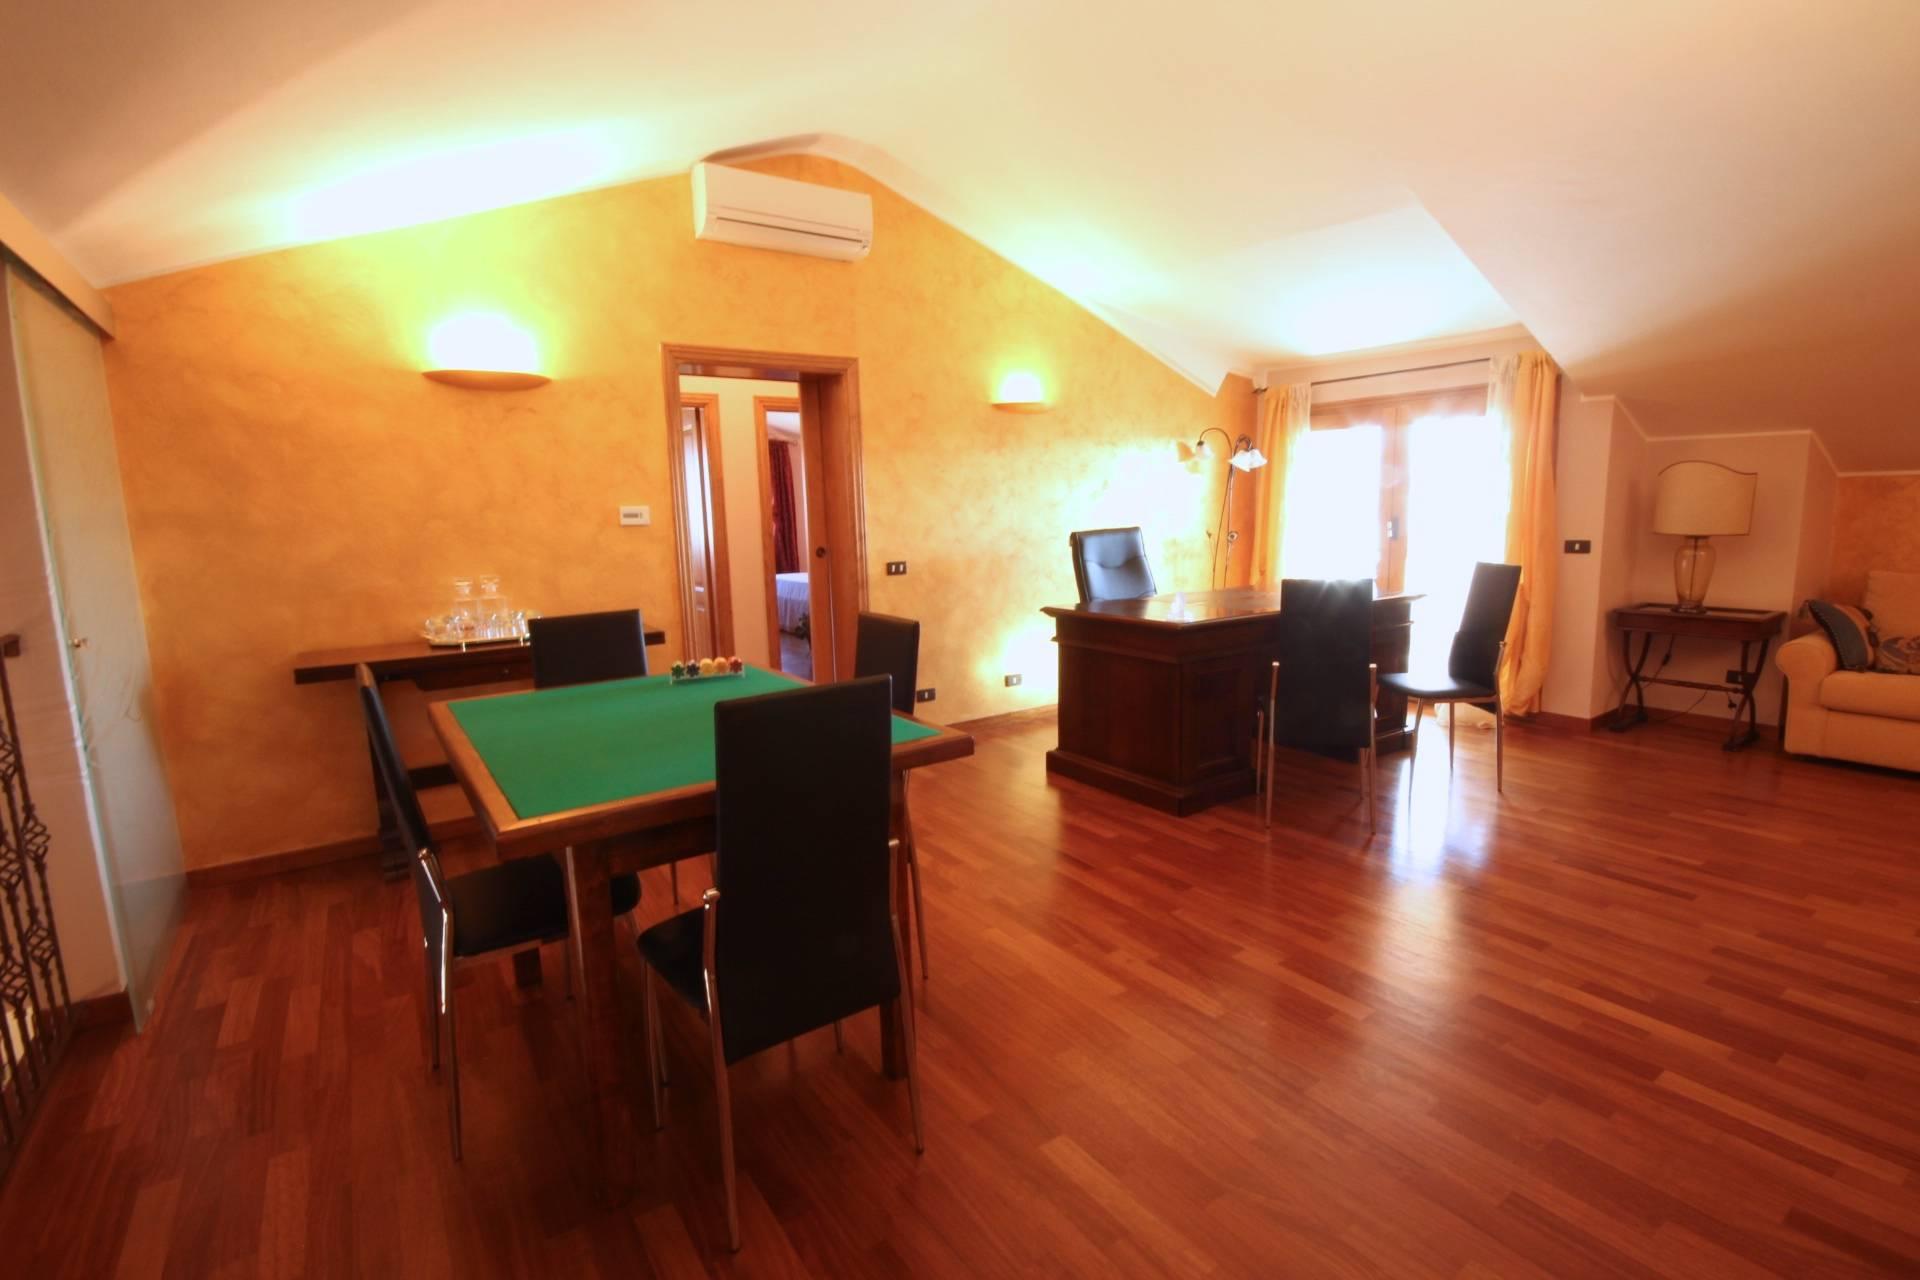 Appartamento in vendita a Orbetello, 5 locali, zona Zona: Albinia, prezzo € 230.000   Cambio Casa.it